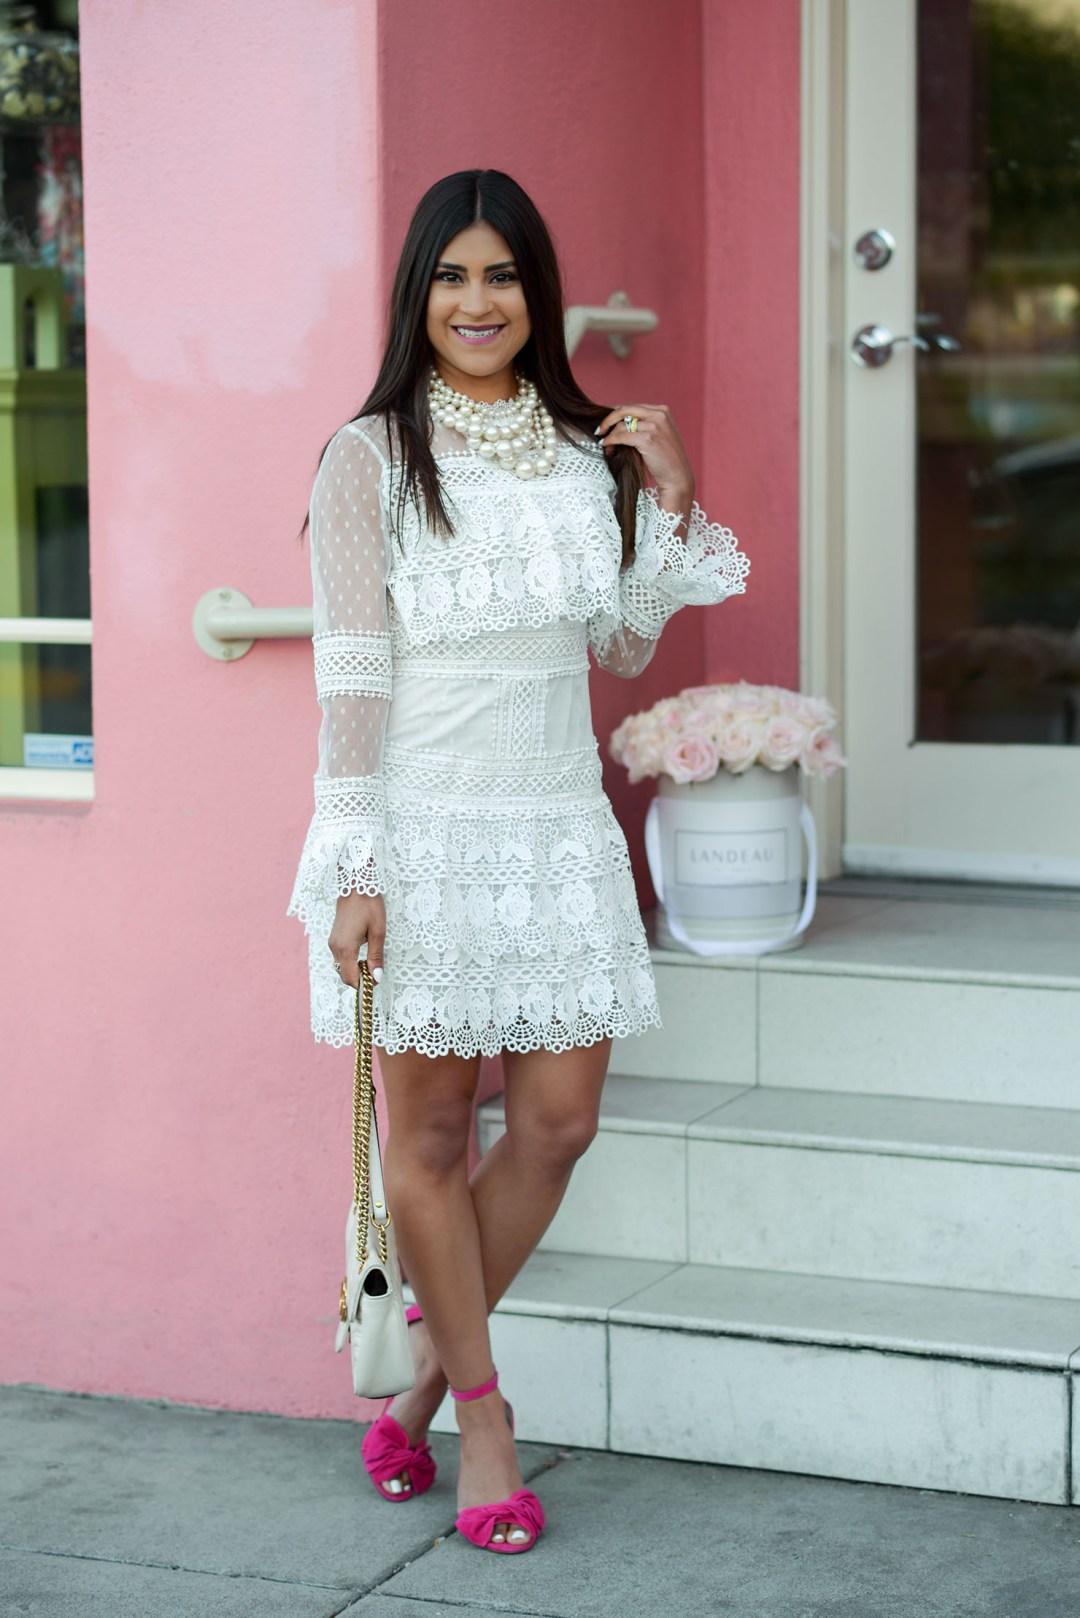 Kelsey Kaplan of Kelsey Kaplan Fashion wearing white crochet dress and white gucci purse